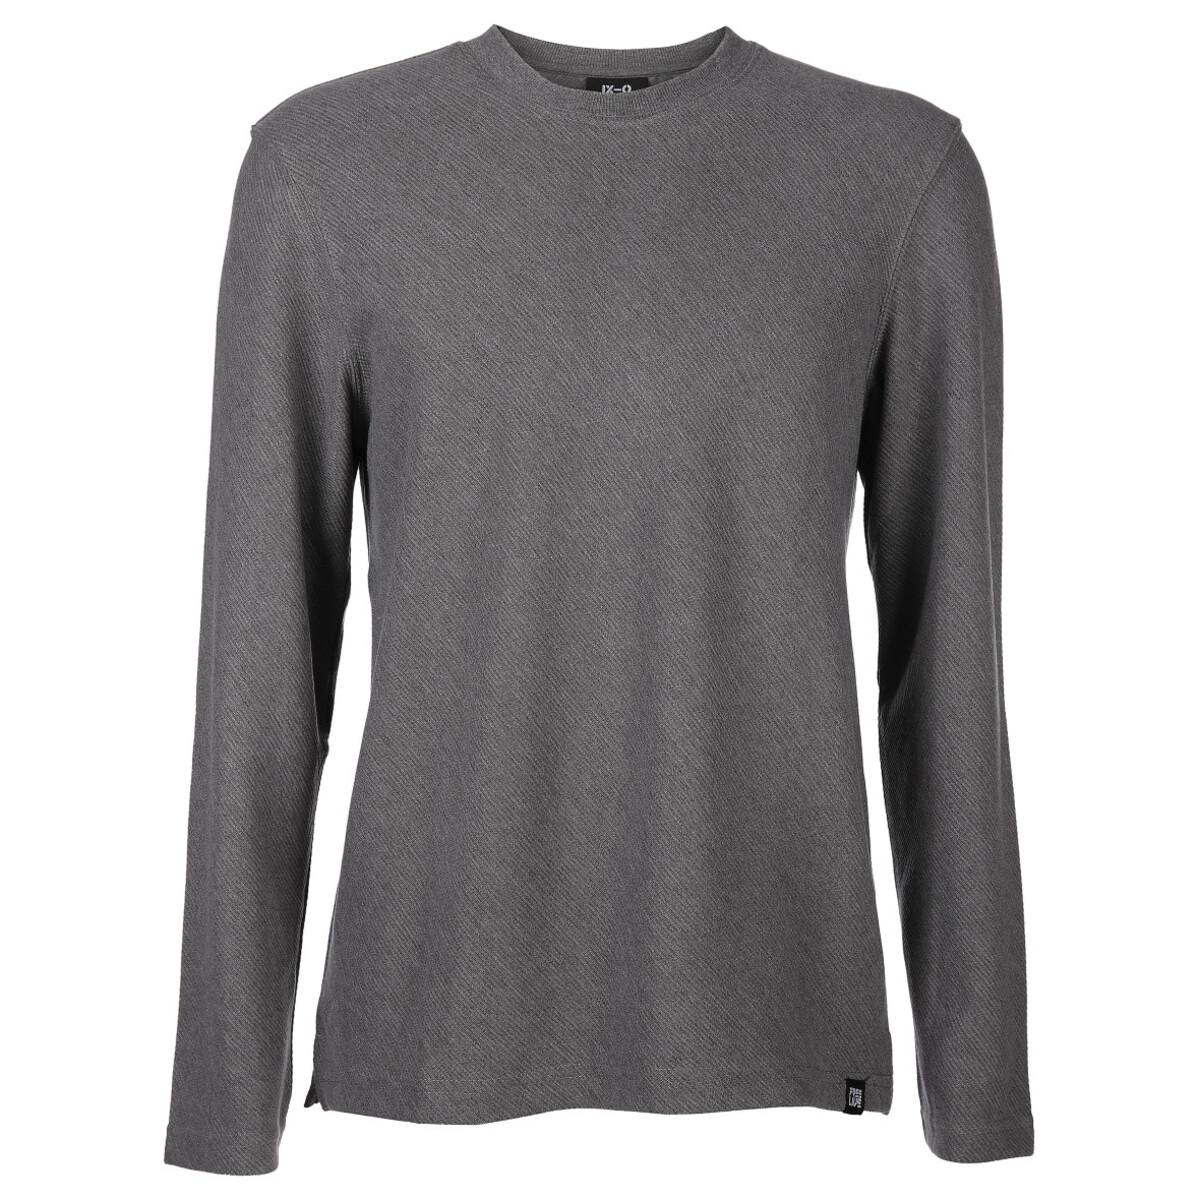 Bild 1 von Herren Sweatshirt in schräger Webstruktur